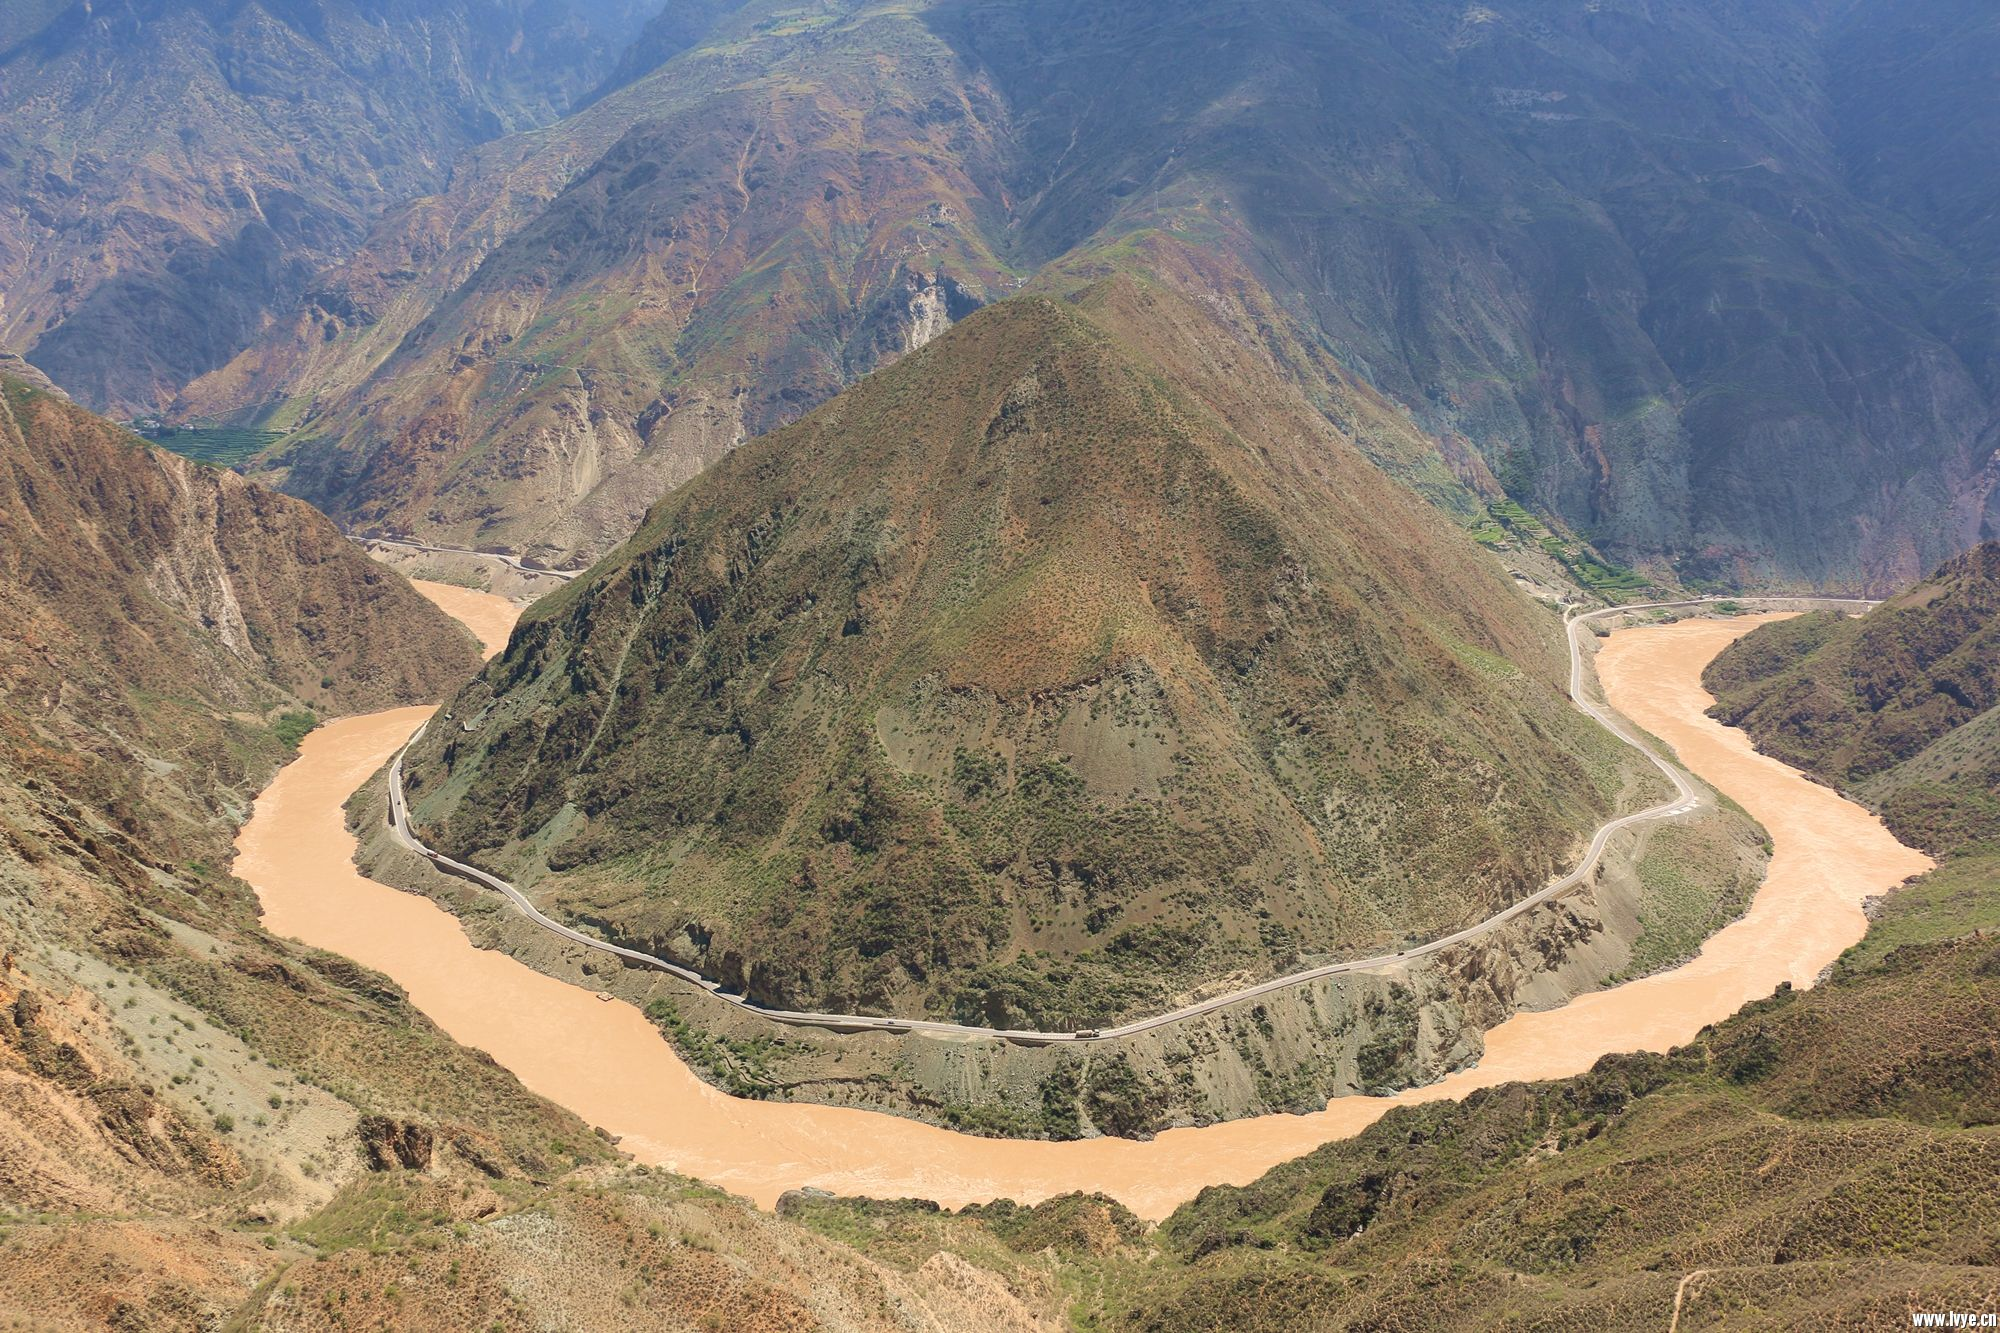 金沙江第一弯(如雅鲁藏布江大拐弯也是称弯)穿山越谷而来的金沙江, 位置 位置 由此水势更加浩荡,峡谷逐渐 ...